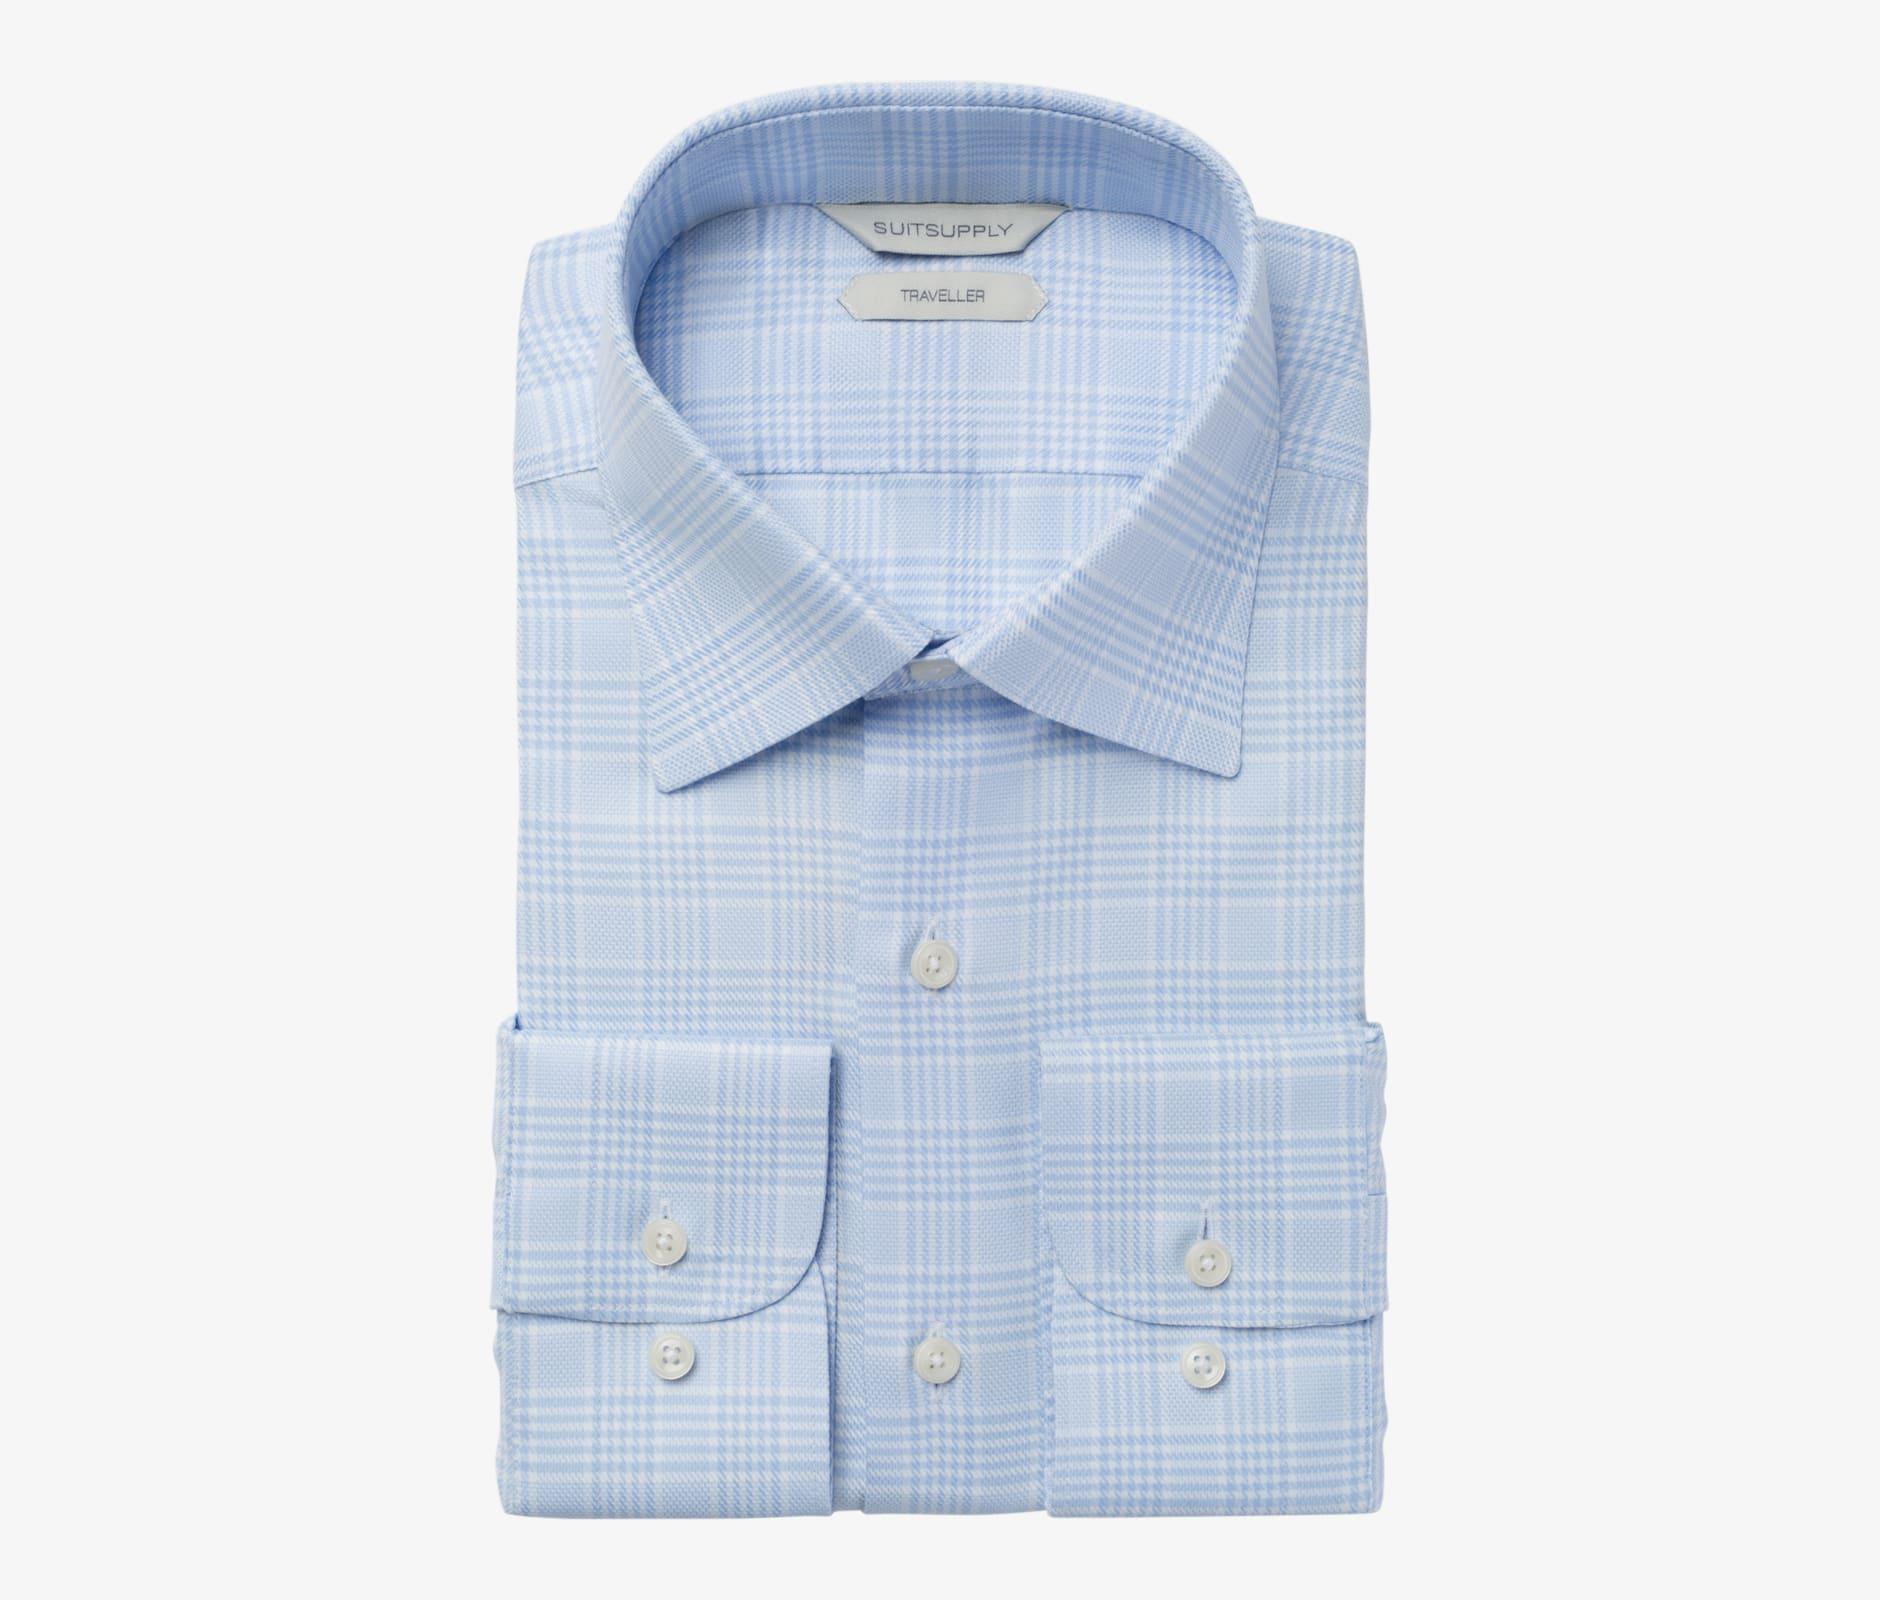 Light_Blue_Check_Traveller_Shirt_Single_Cuff_H5795U